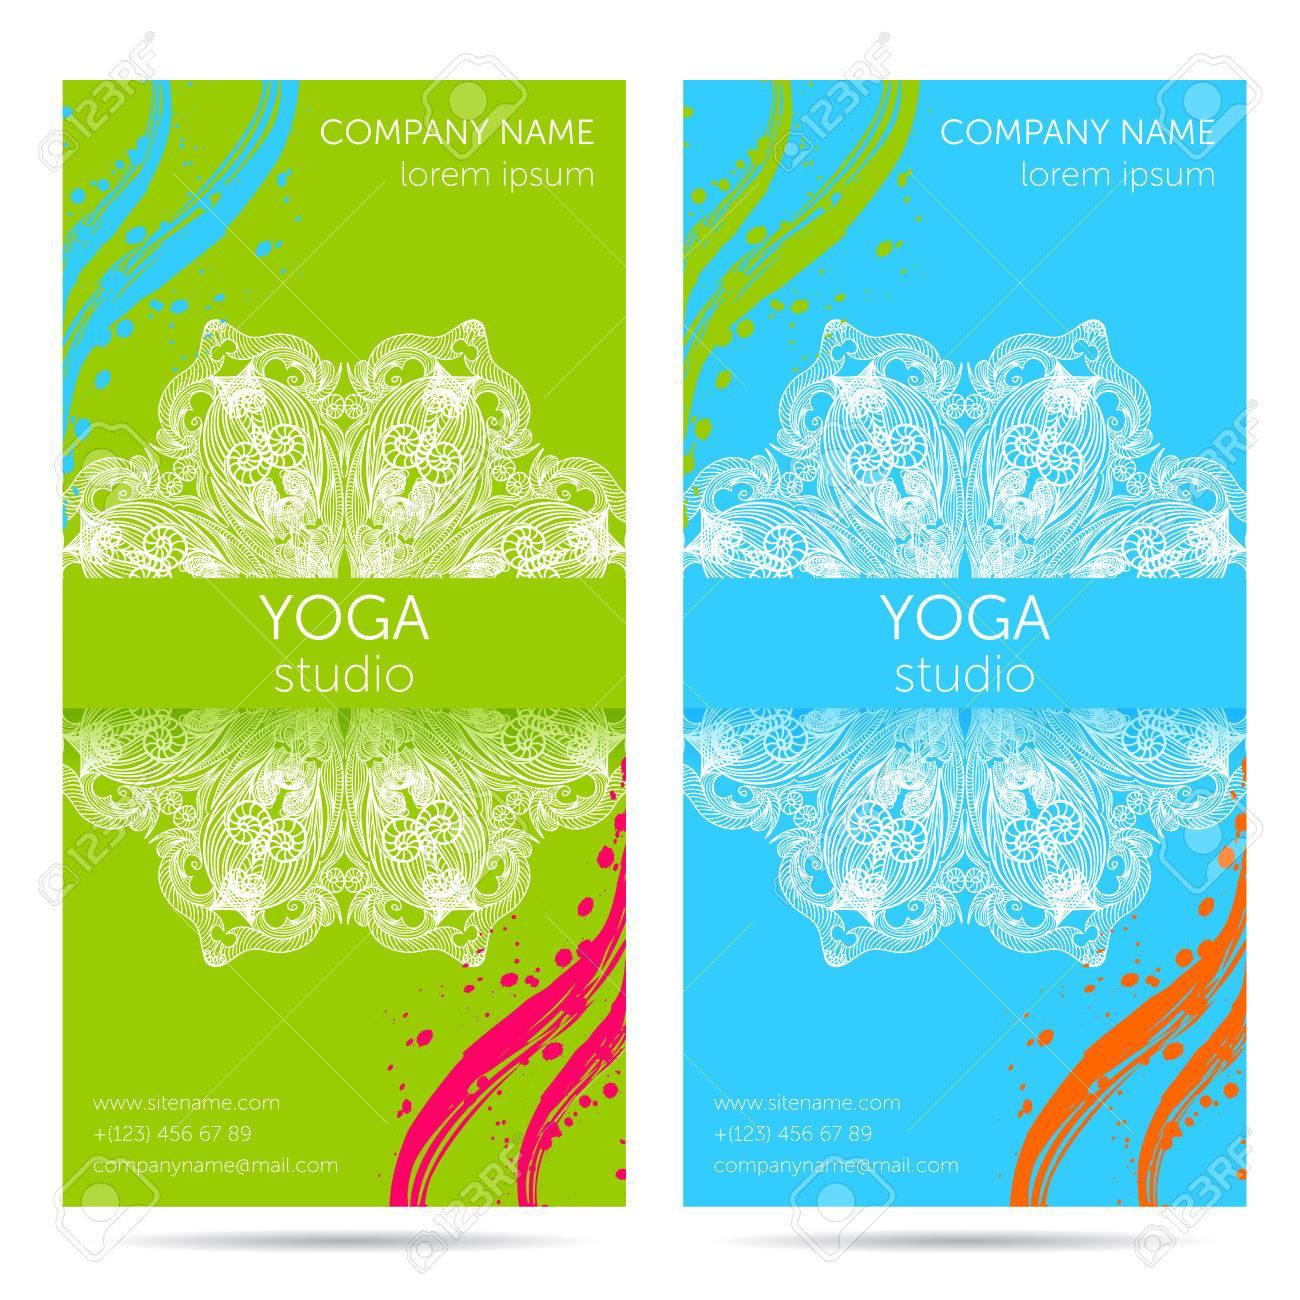 Design-Vorlage Für Yoga-Studio Mit Mandala Ornament Hintergrund ...